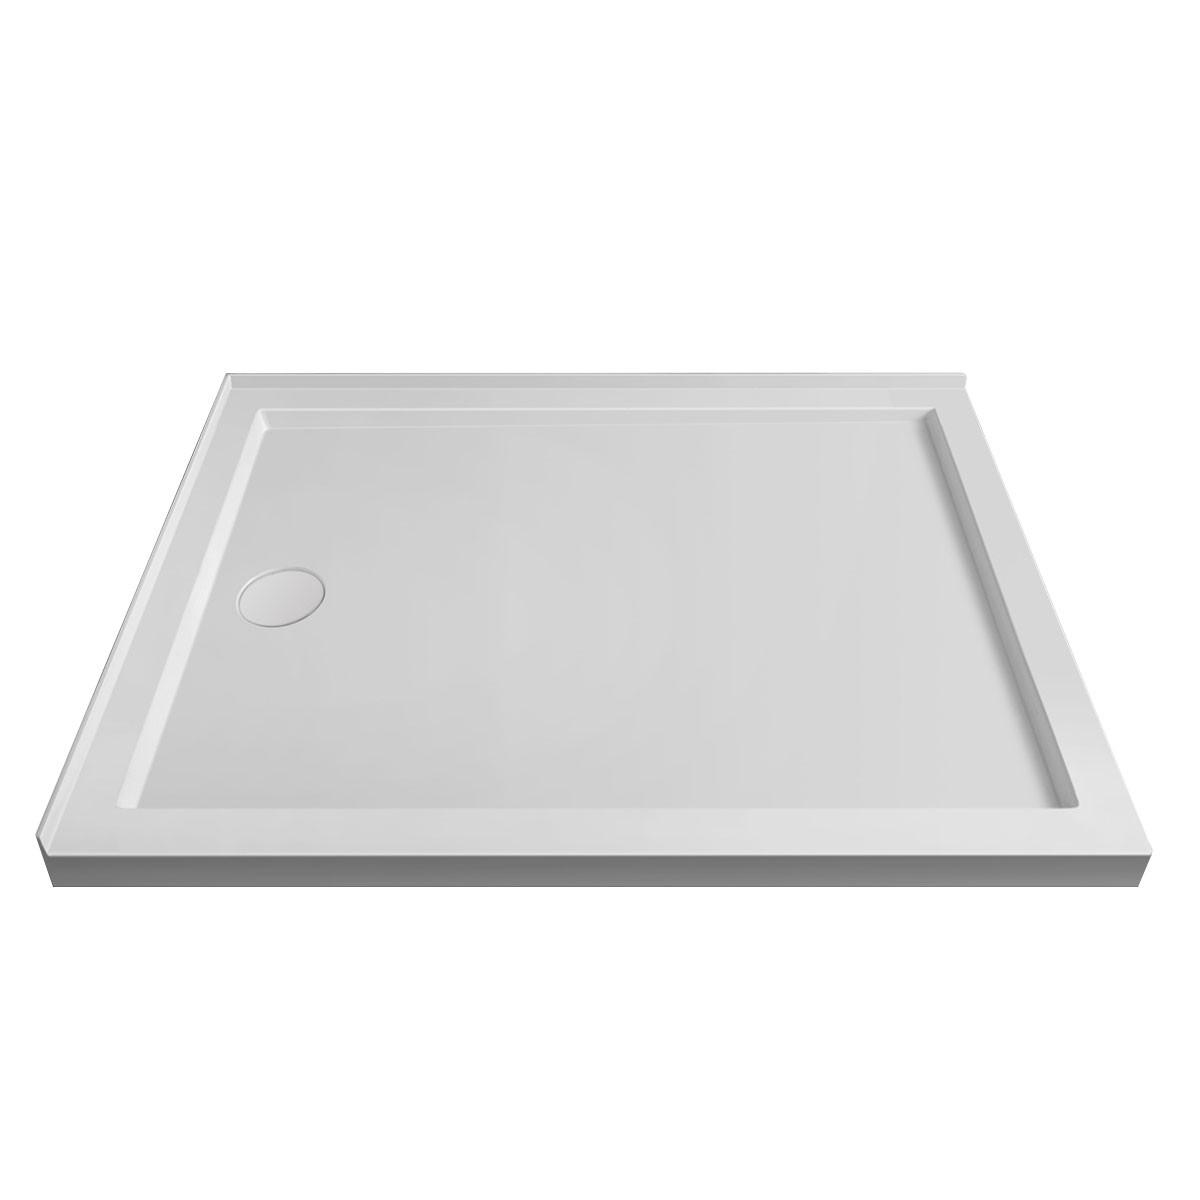 48 x 36 In Rectangular Shower Base for Left Corner Installation (DK-STA-18002)